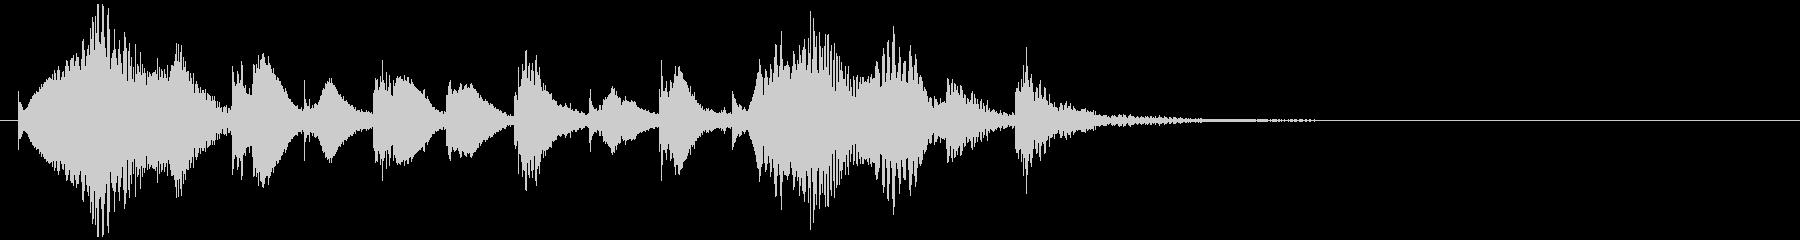 のほほんジングル025_キュート-3の未再生の波形